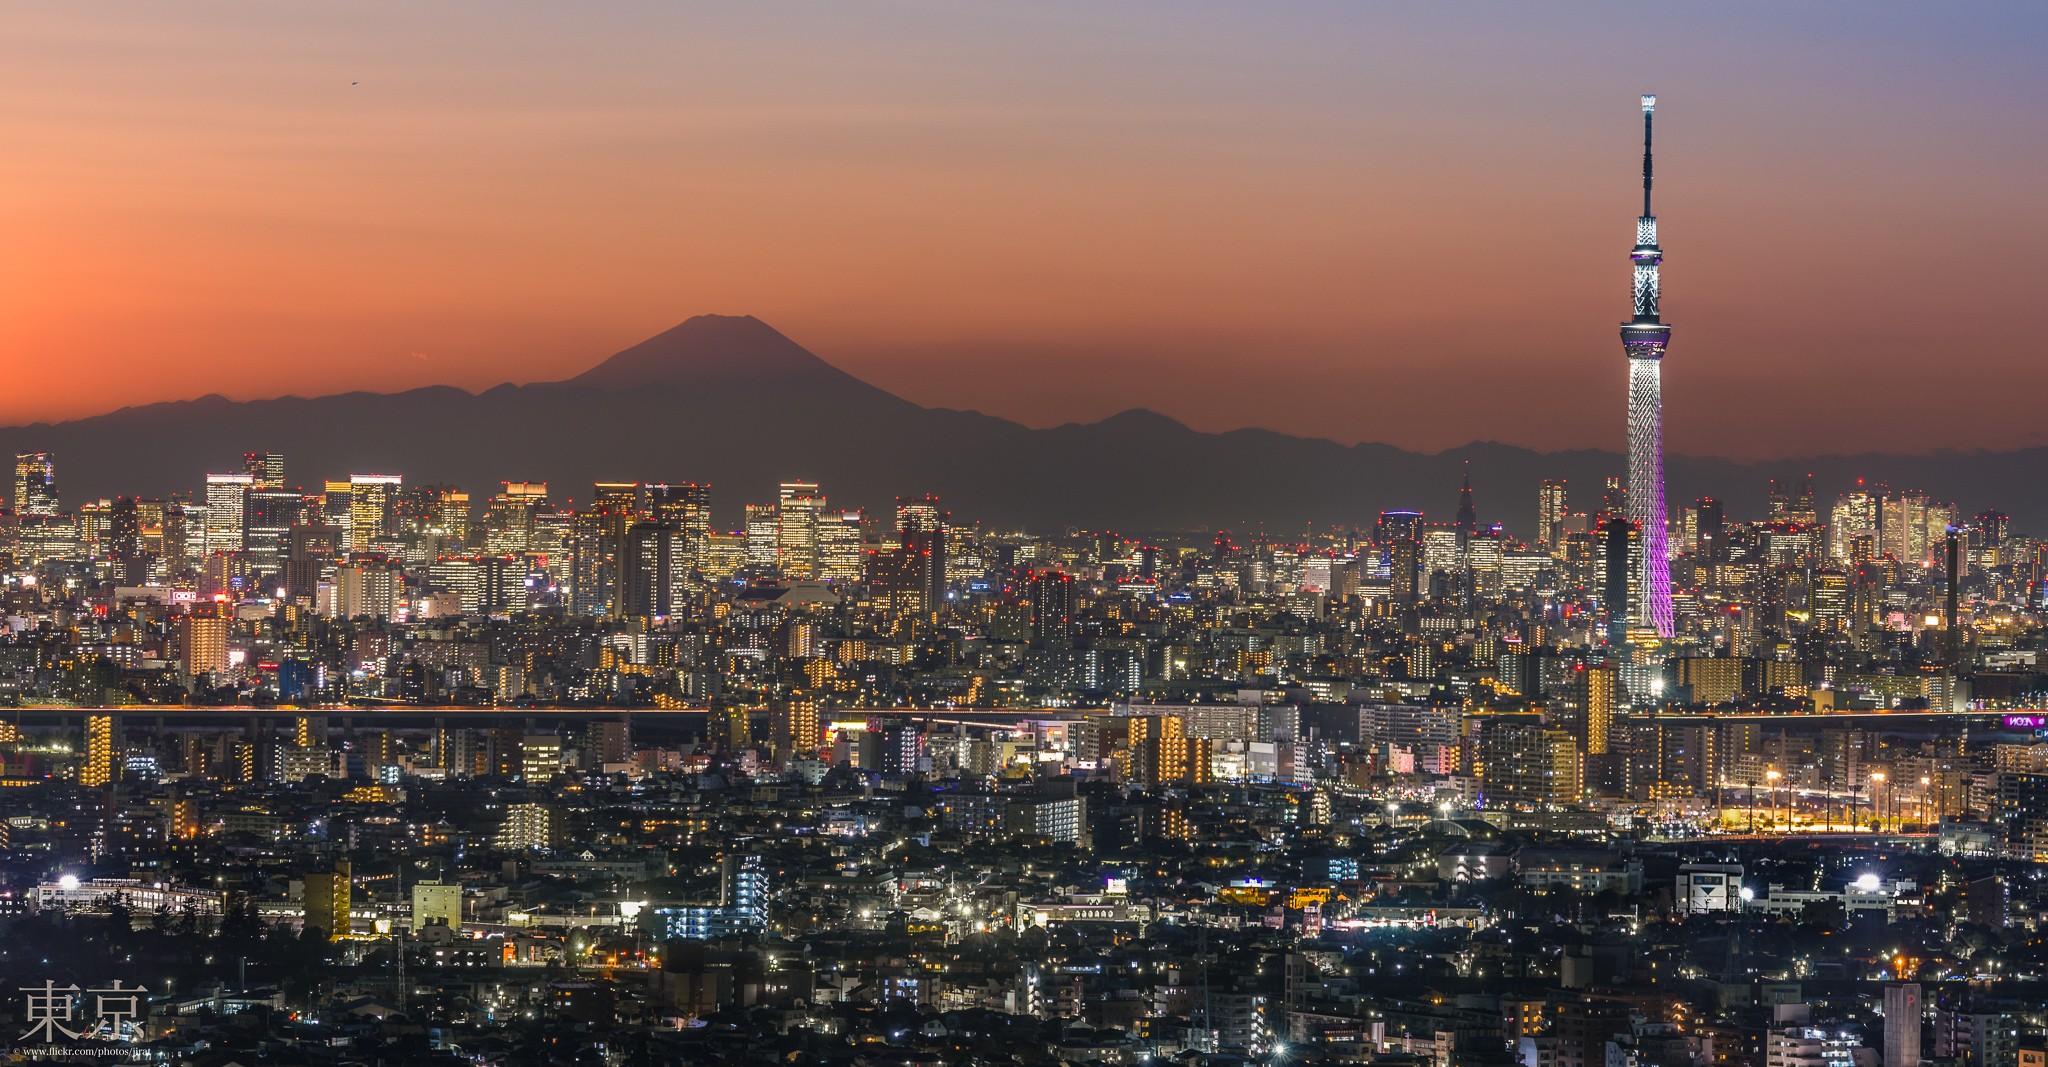 Mt.Fuji and Tokyo Metropolis